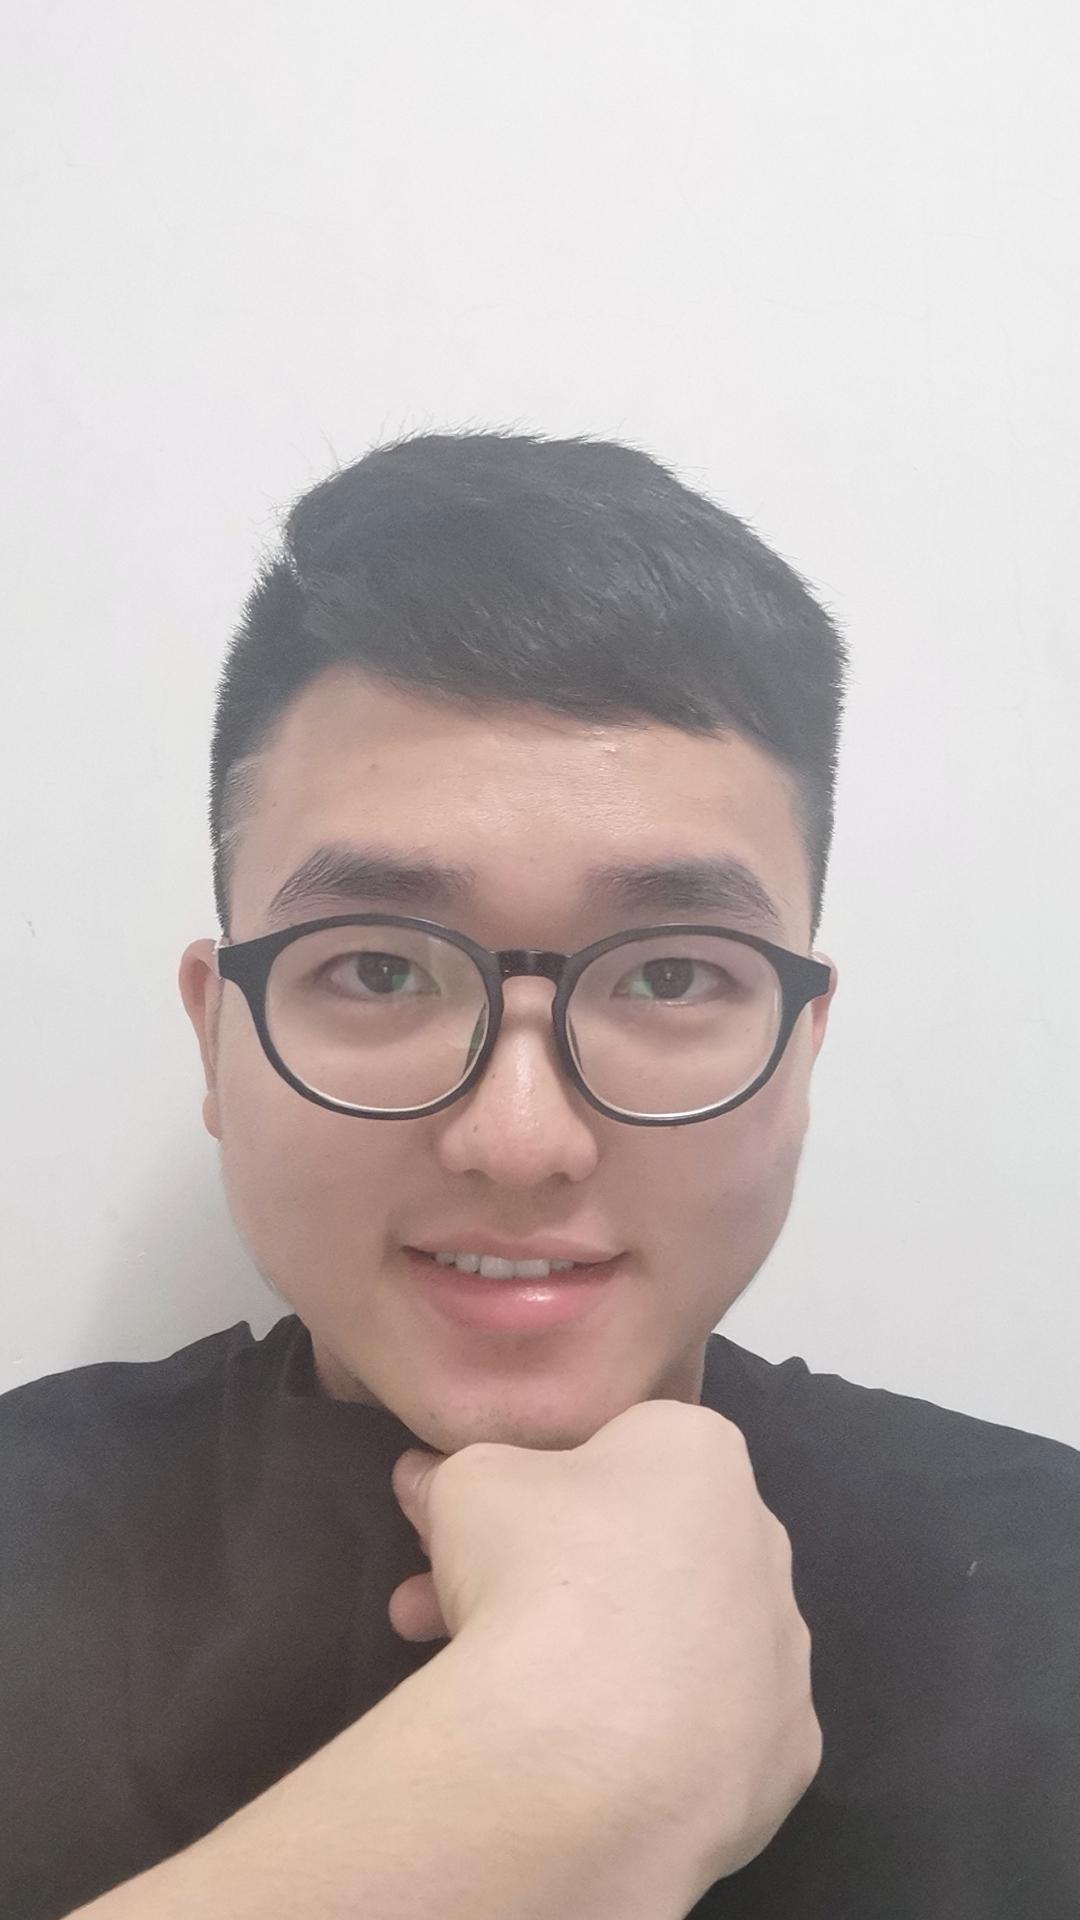 深圳家教沈教员